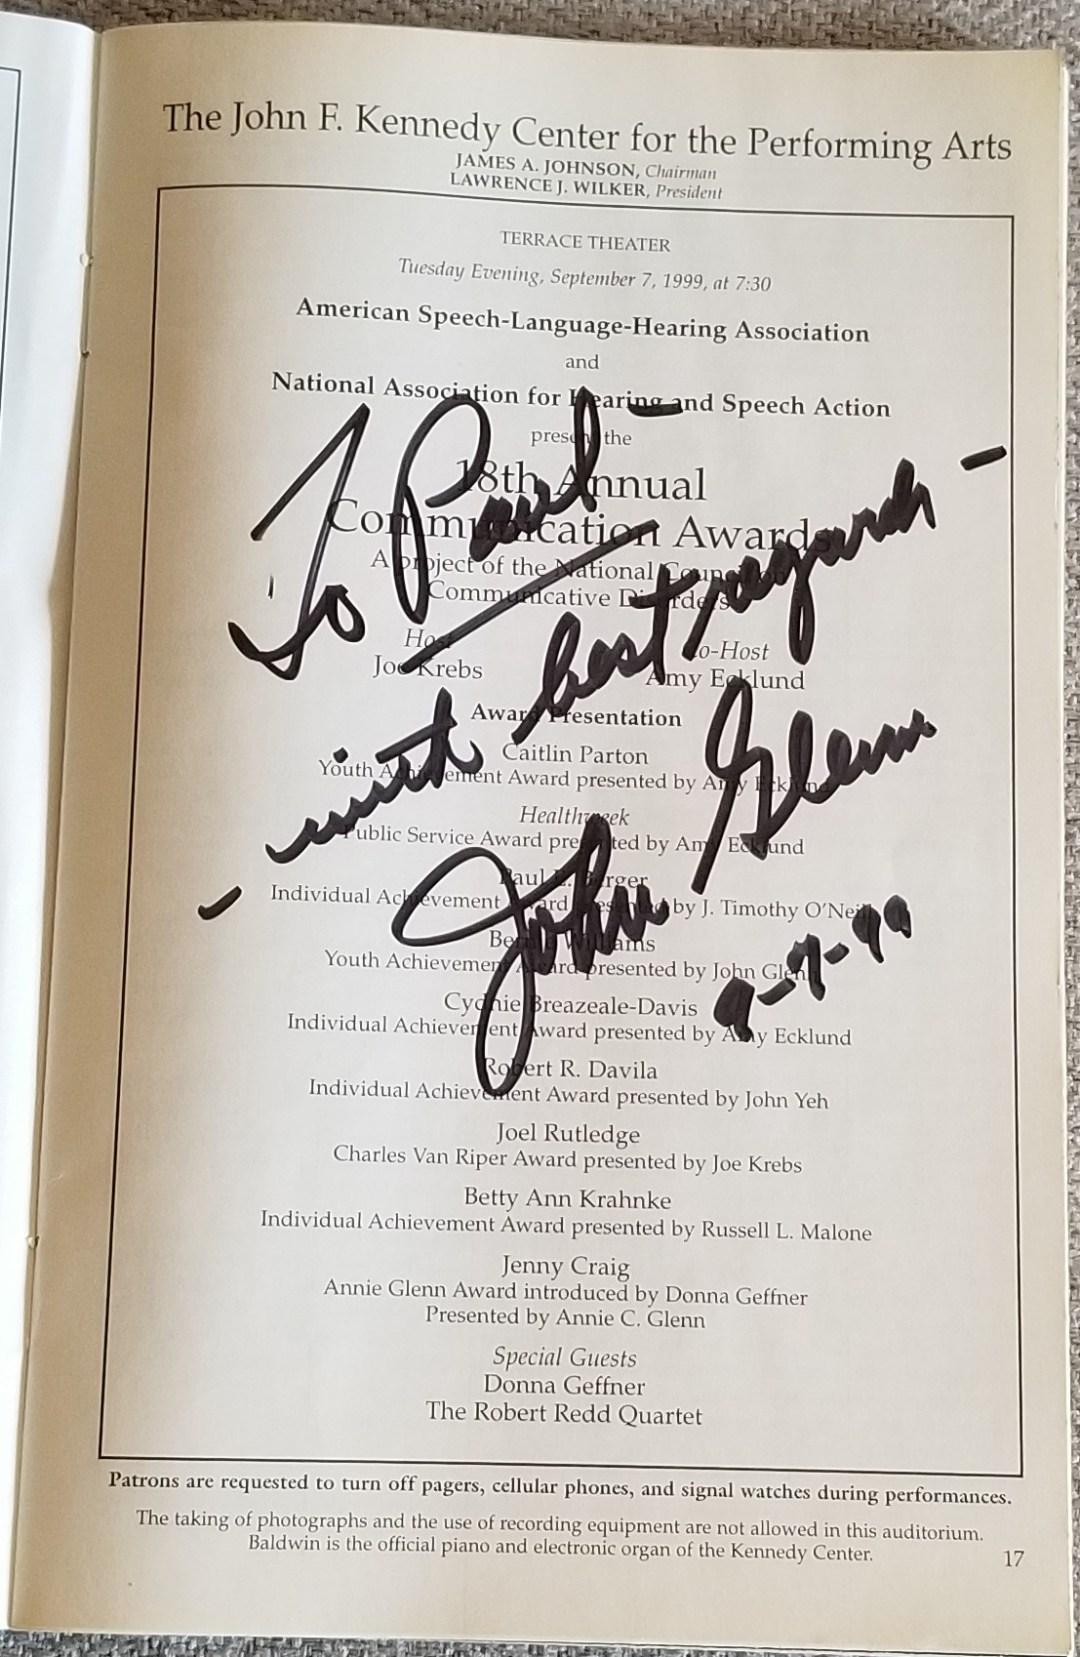 Image of Program page signed by John Glenn